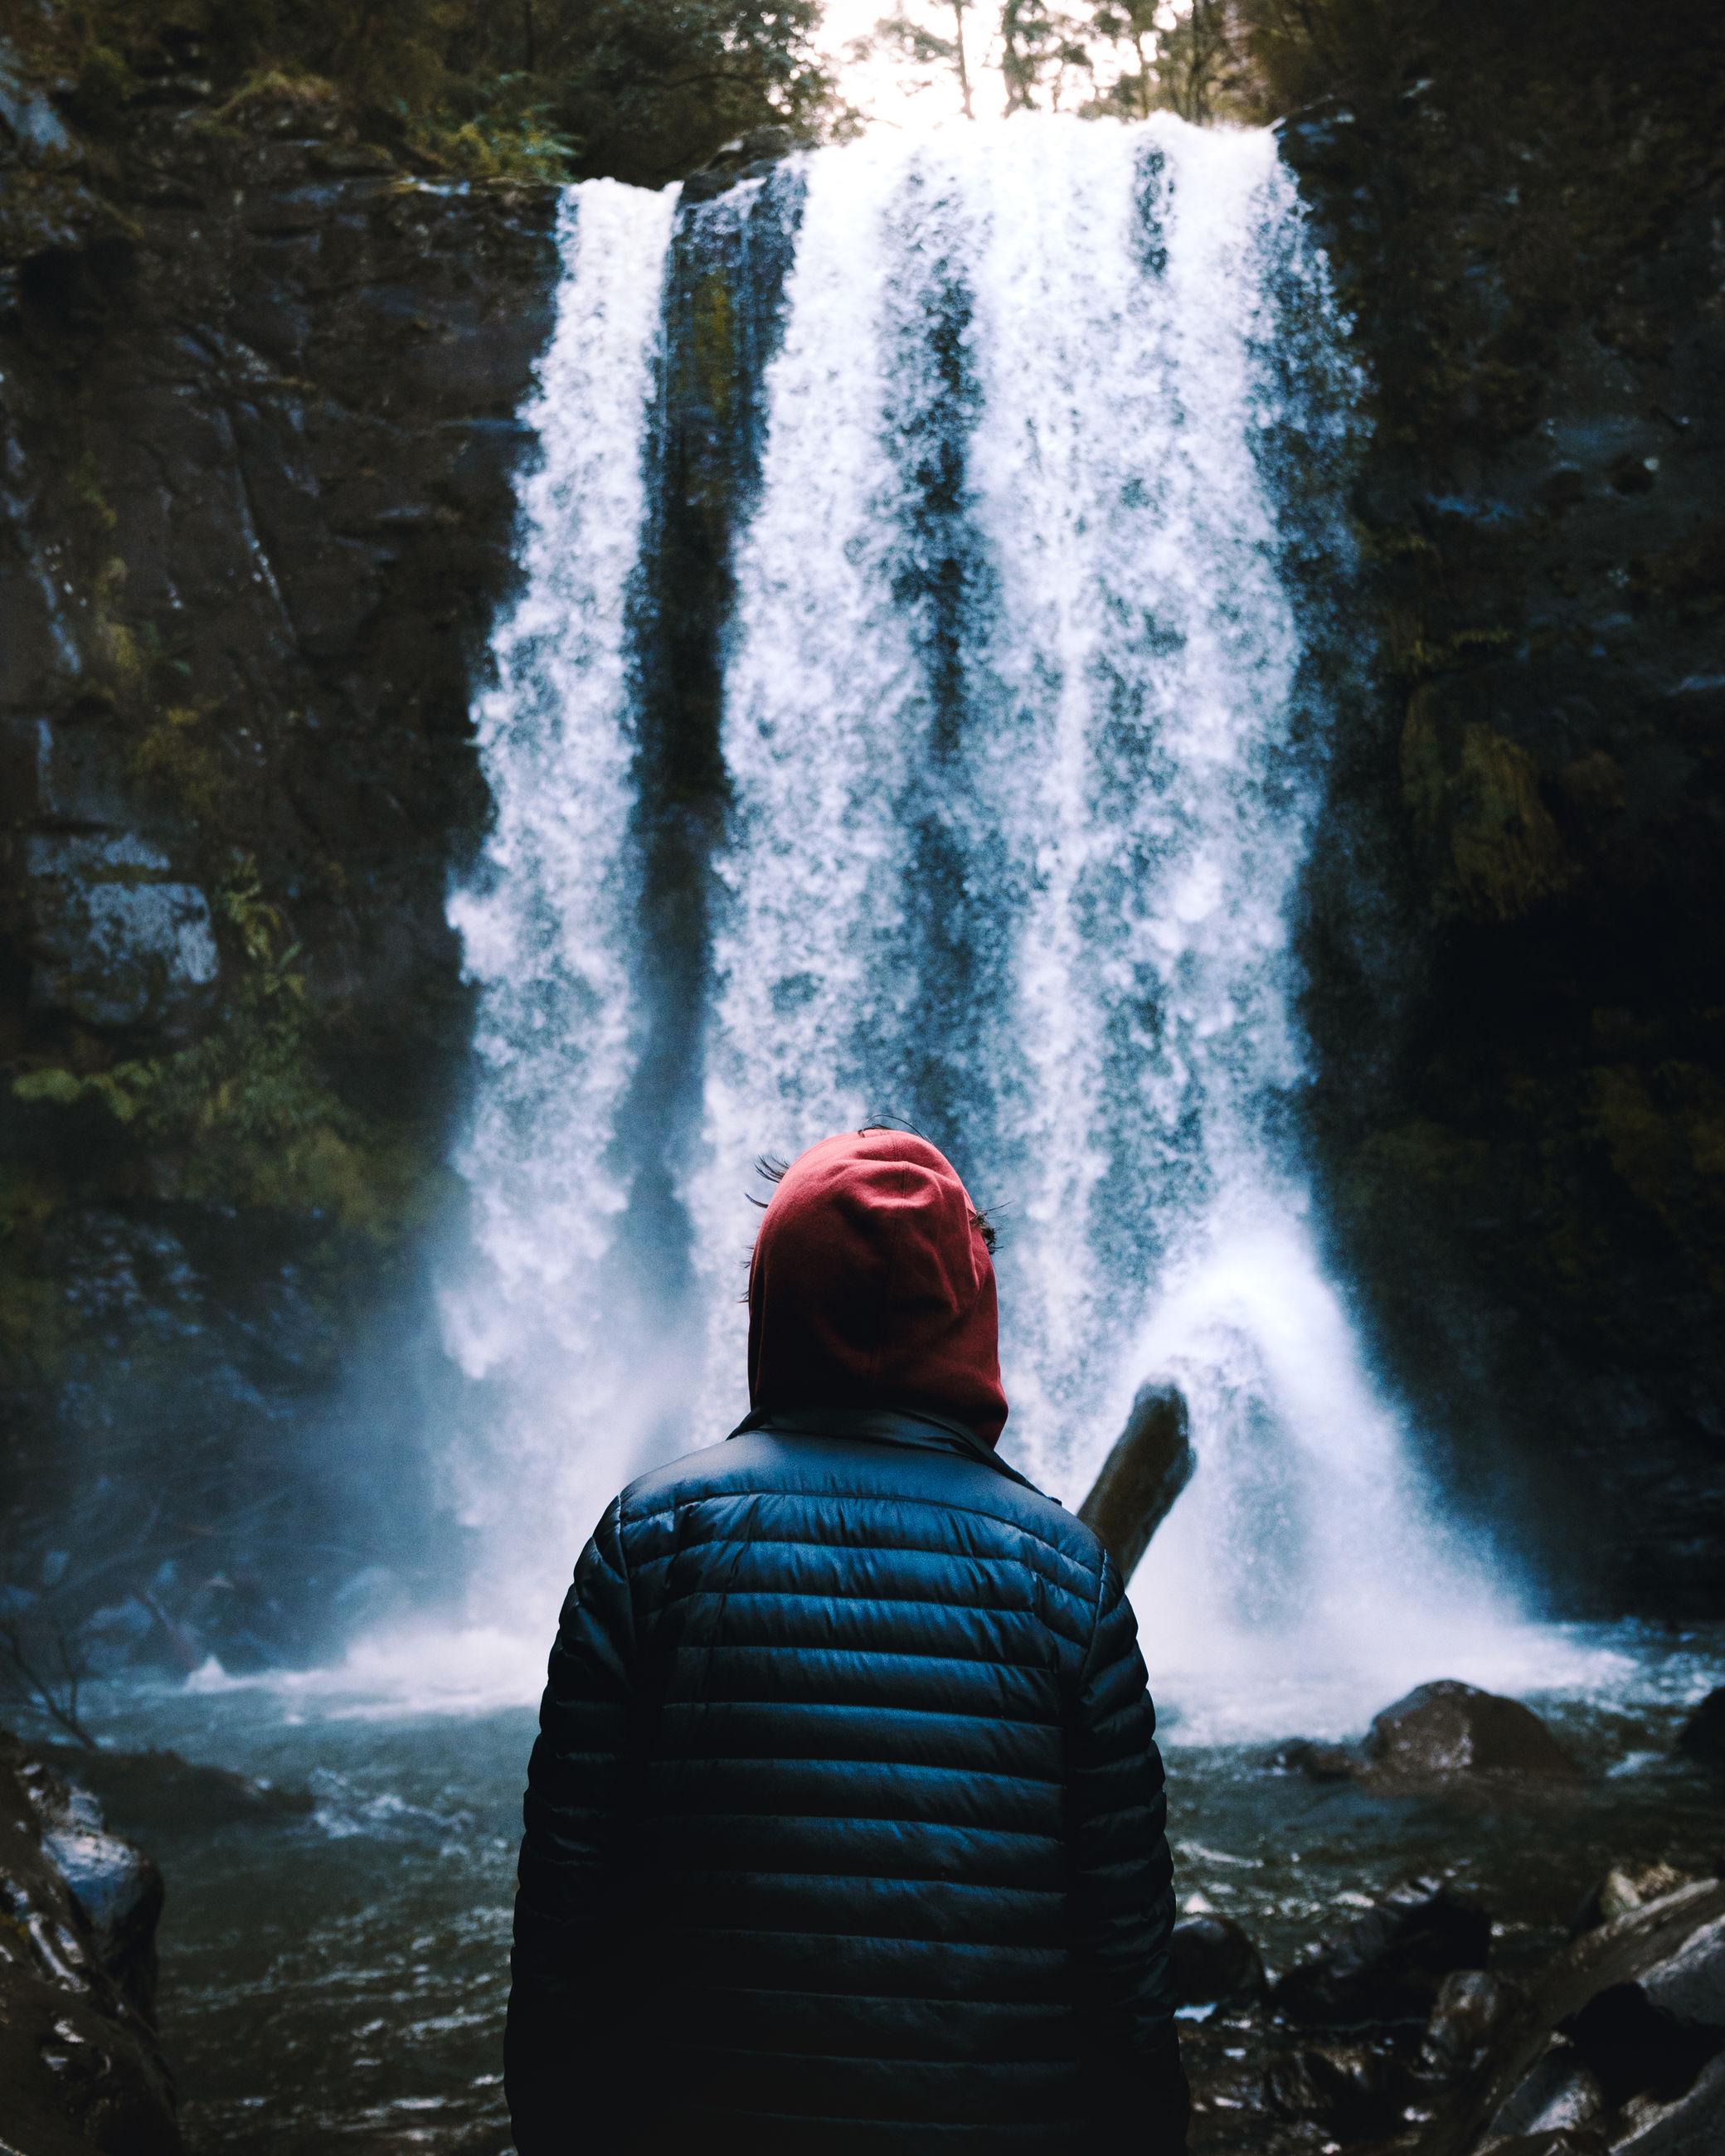 REAR VIEW OF MAN SPLASHING WATER